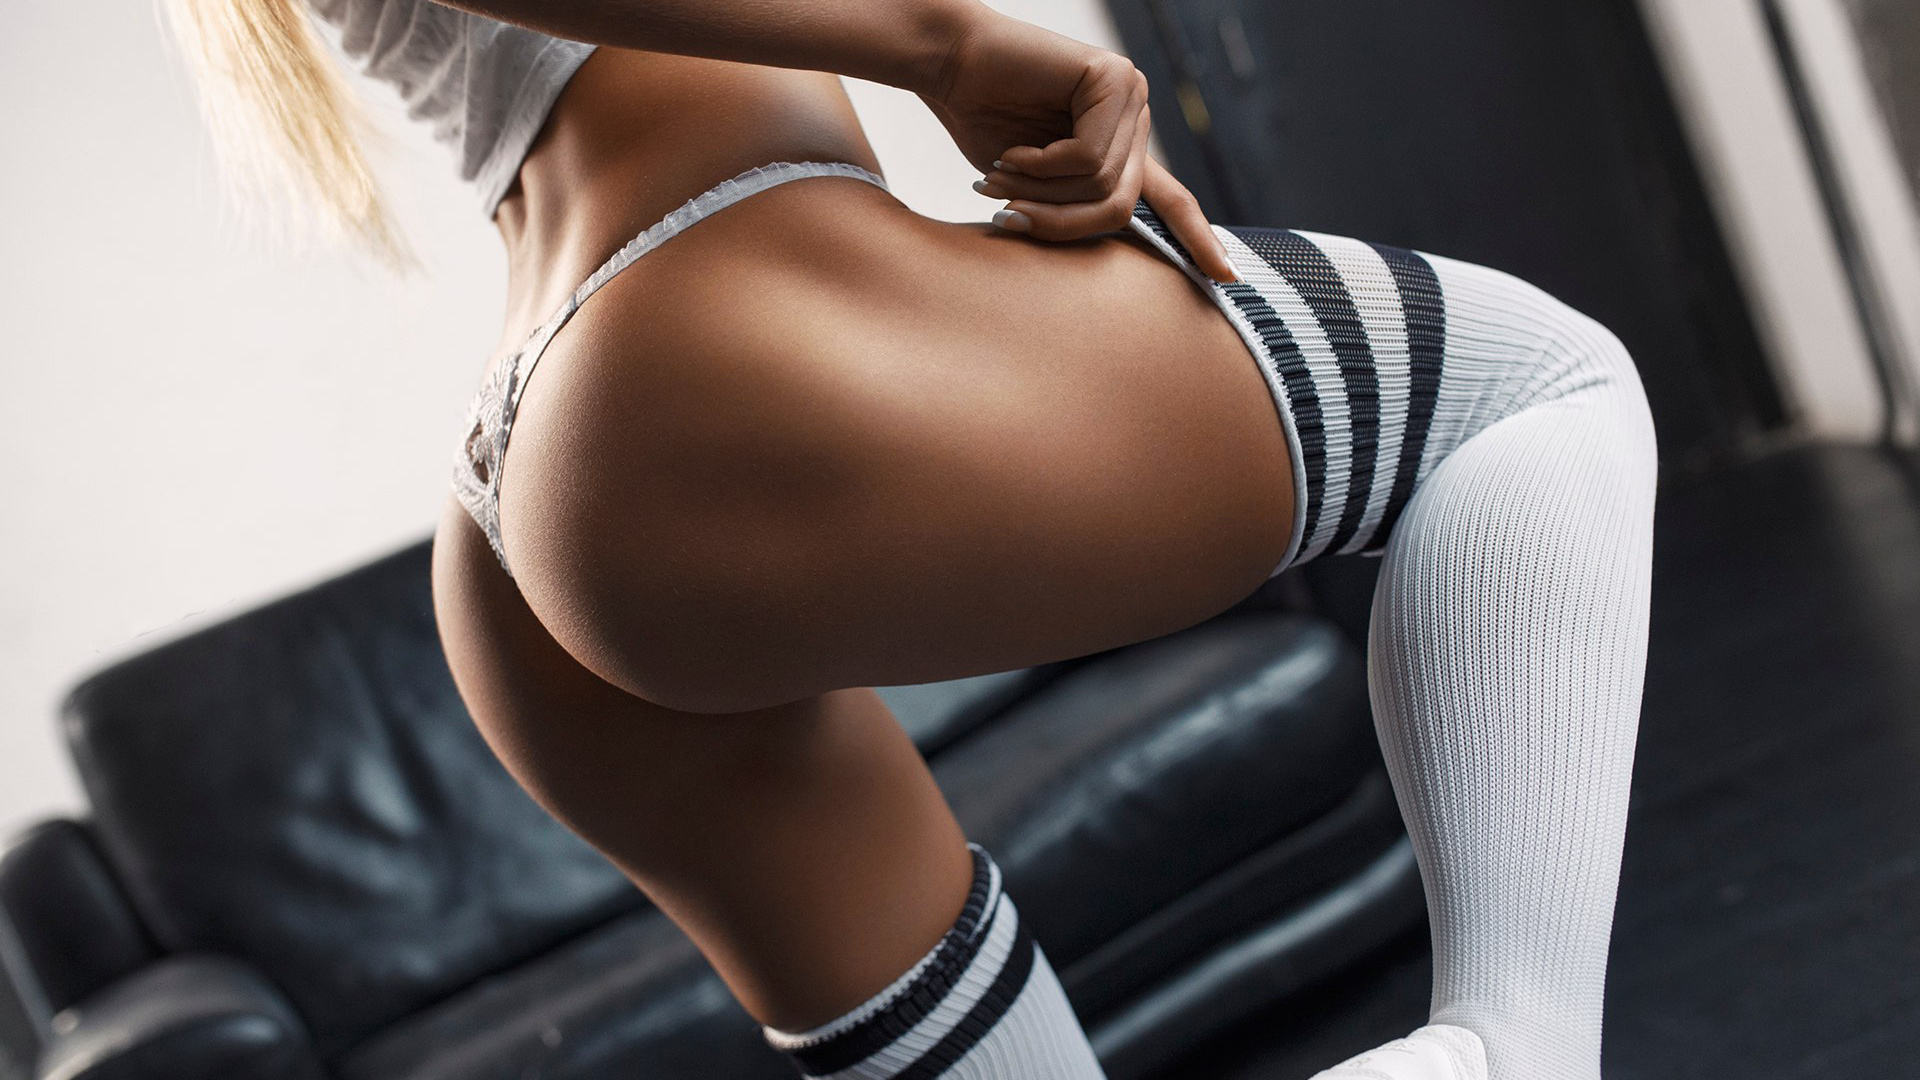 Упругие сочные попки девушек, Большие жопы, упругие задницы, попки, качественное 21 фотография